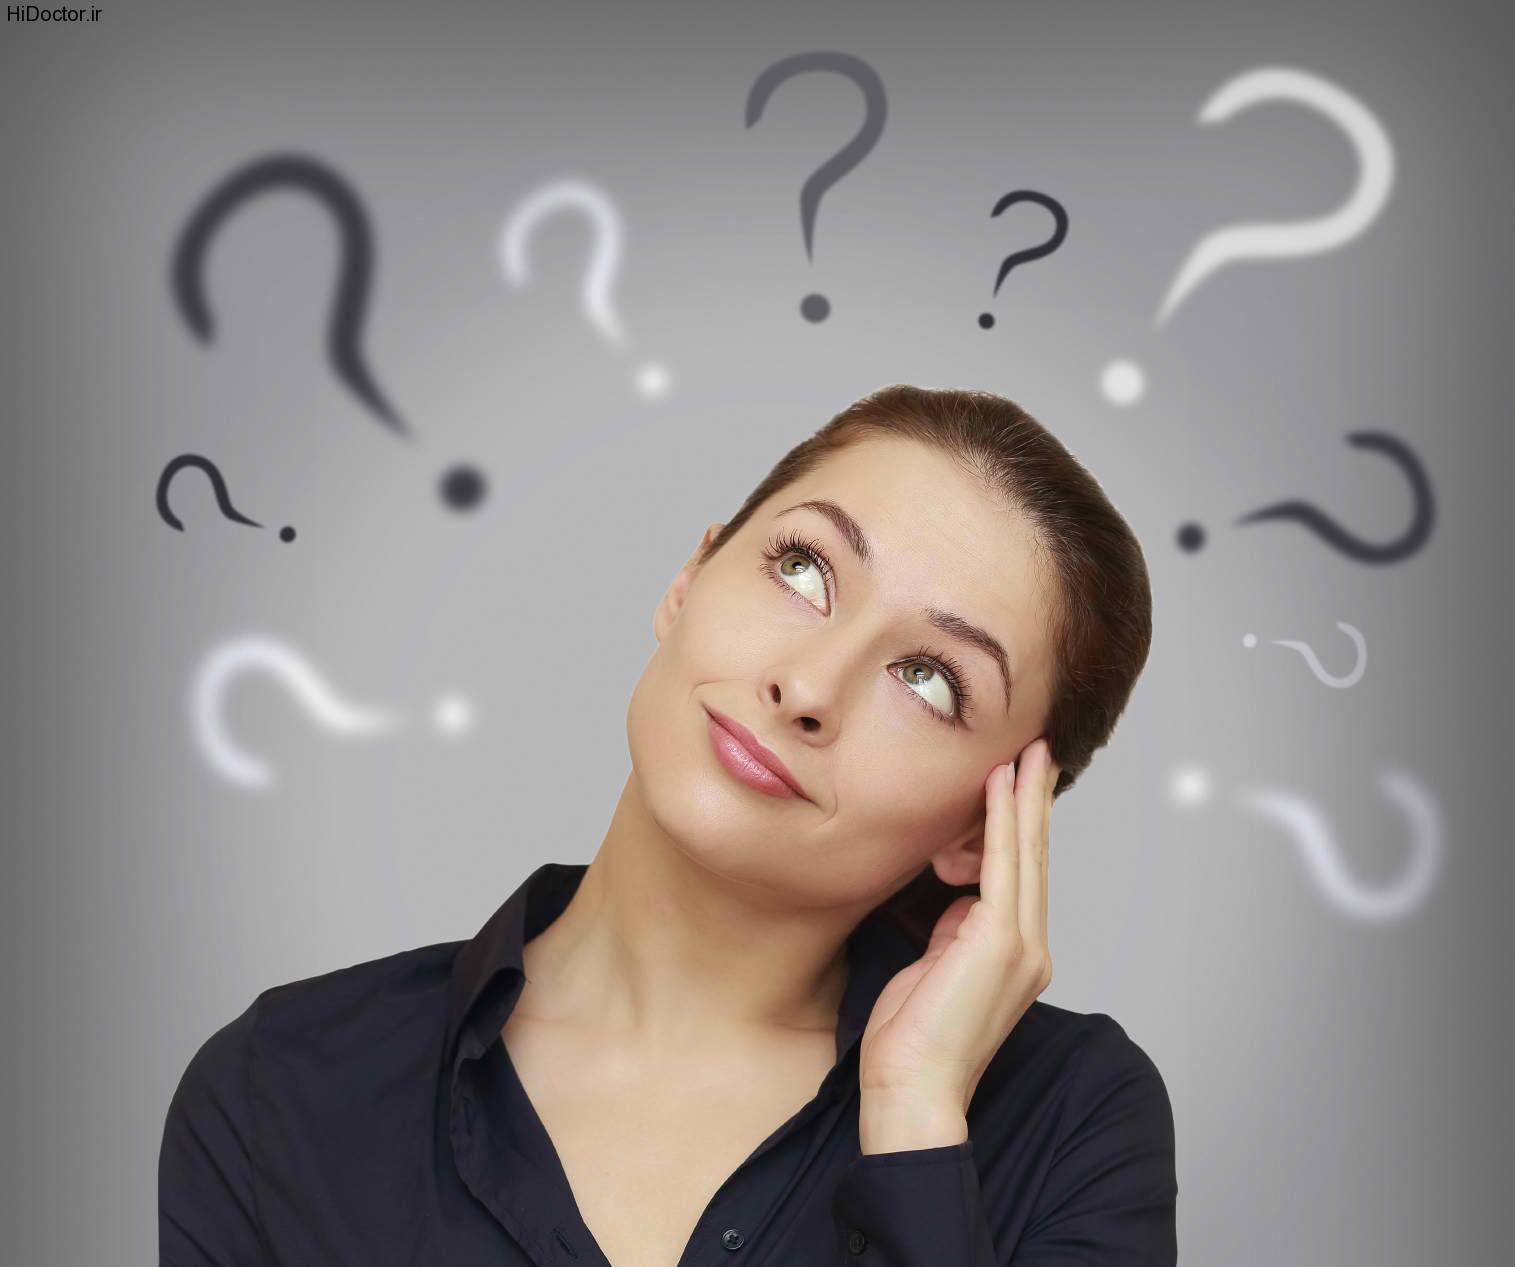 2d71a93c 39e9 4243 8d20 35cdab7c46de اولویت های یک زن در زندگی چیست ؟